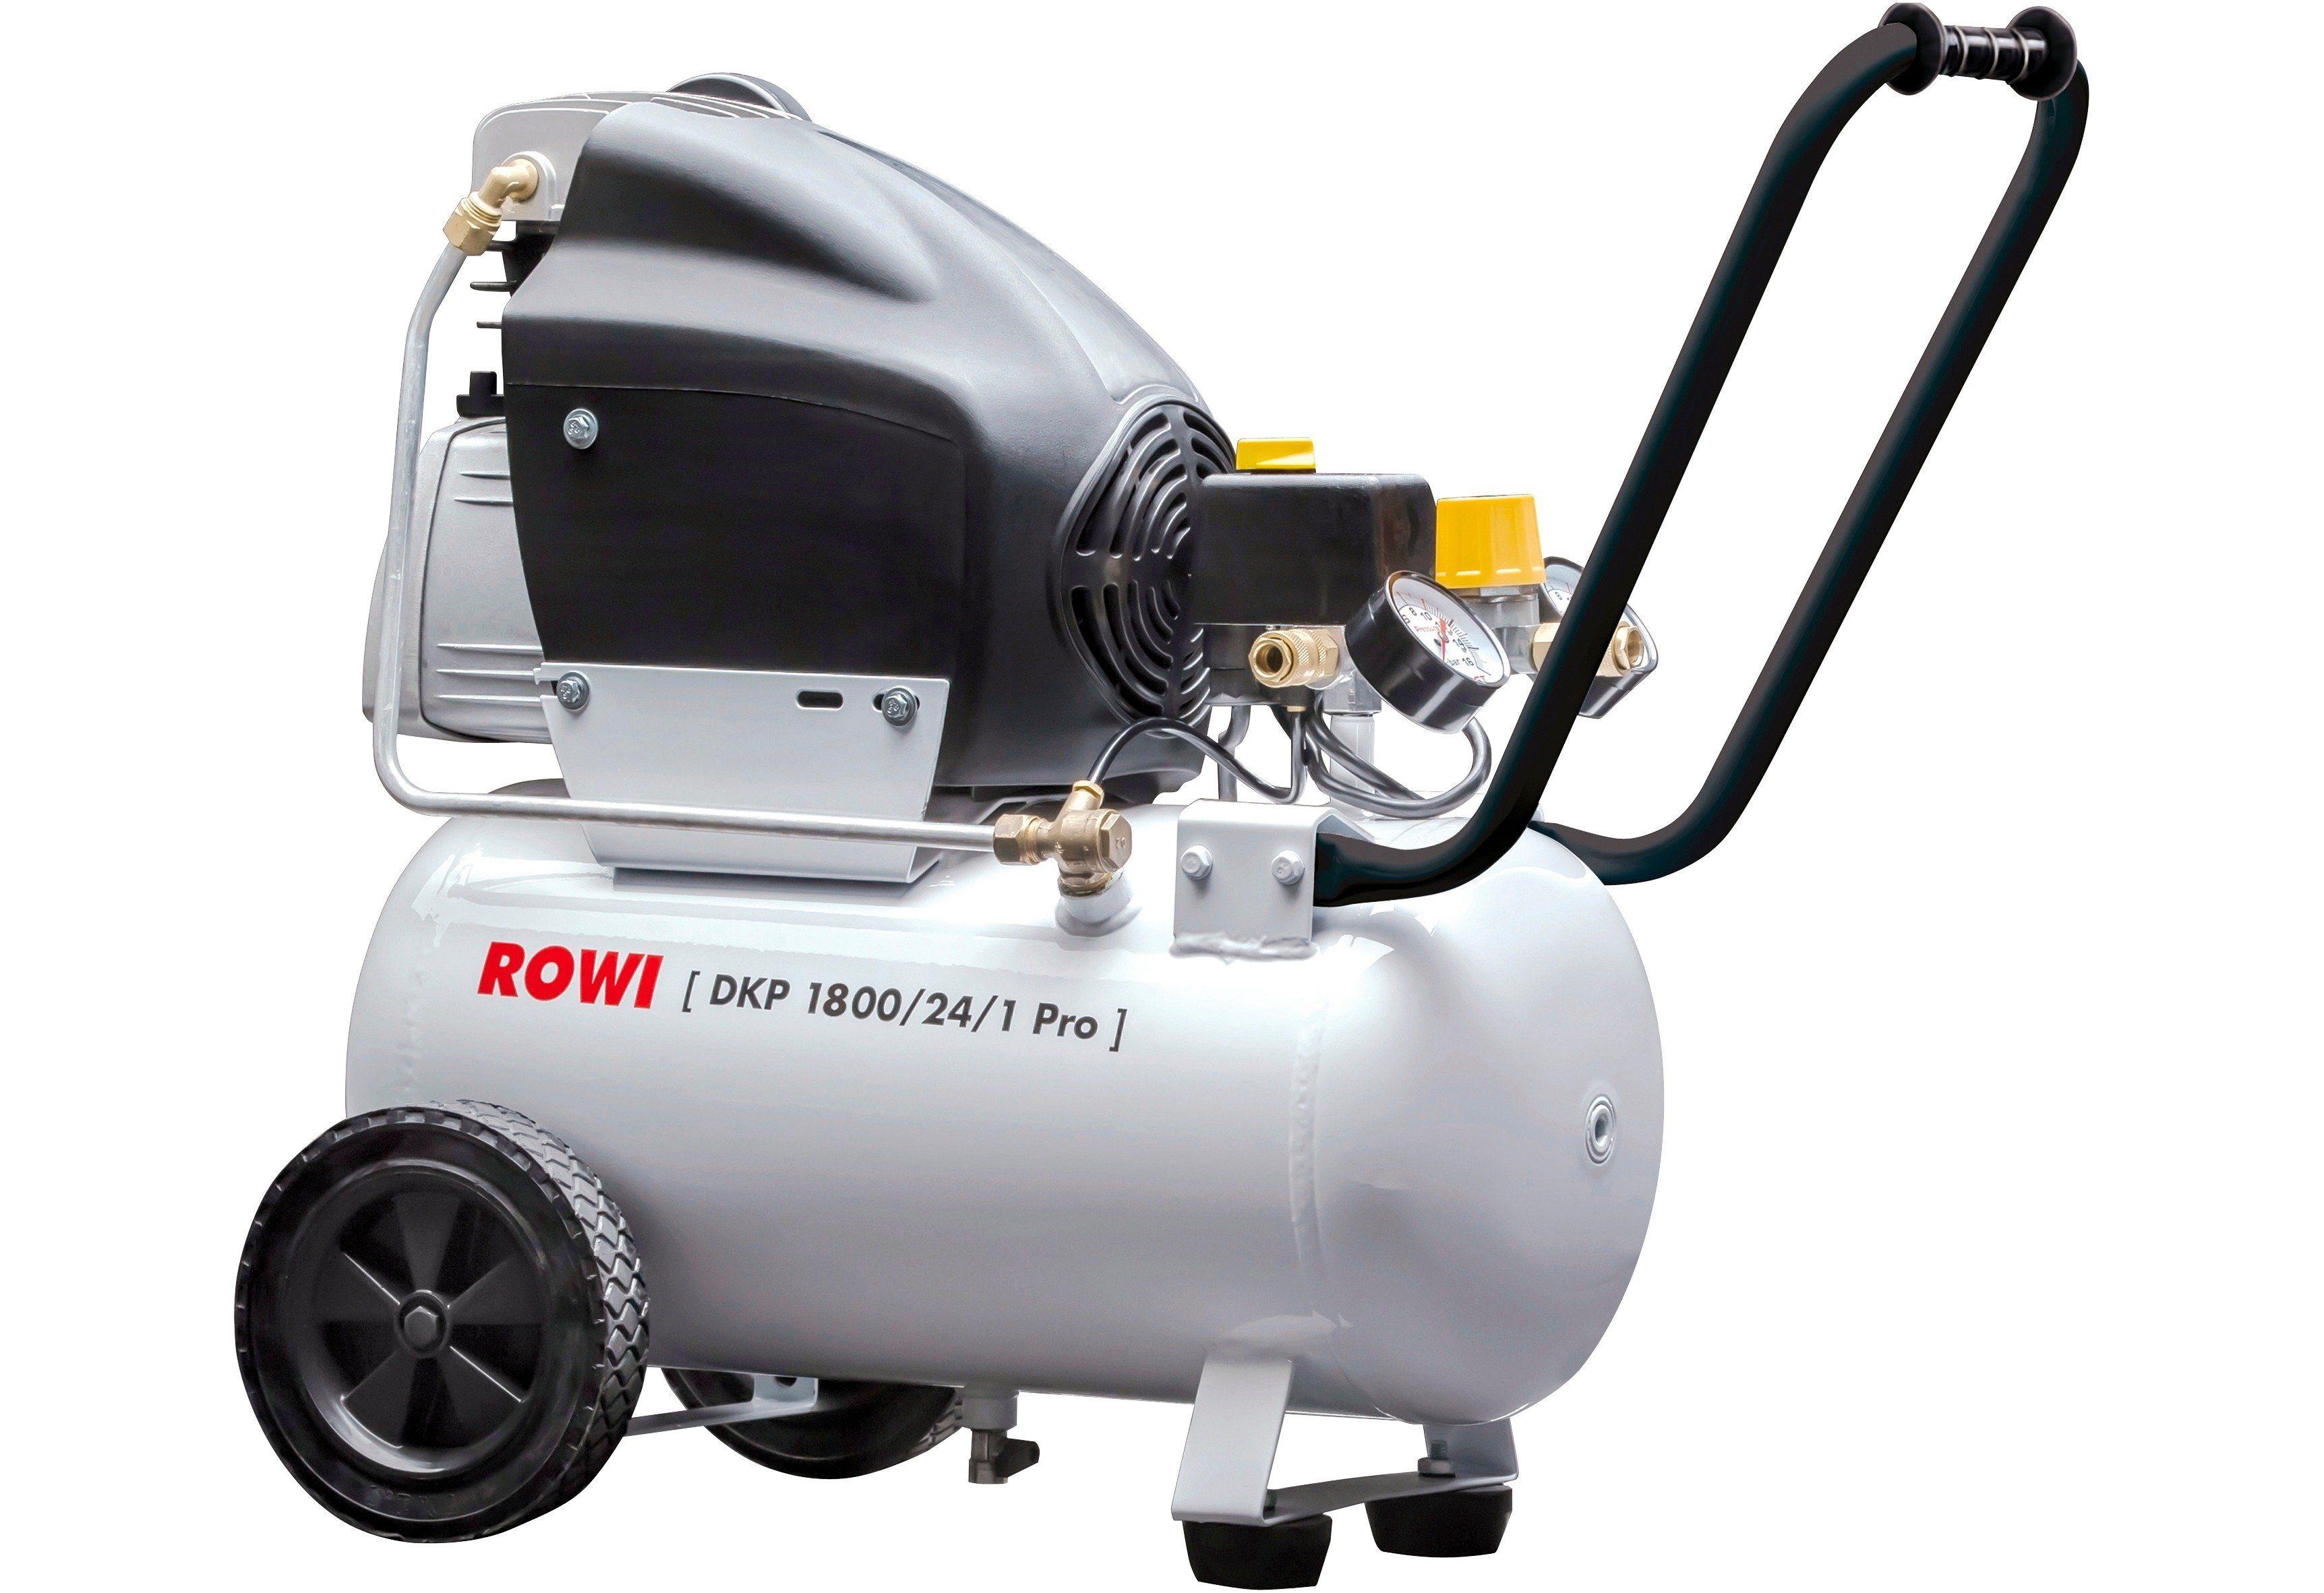 Rowi Kompressor Set »DKP 1800/24/1 Pro« inkl. 11-tlg. Druckluft-Zubehör